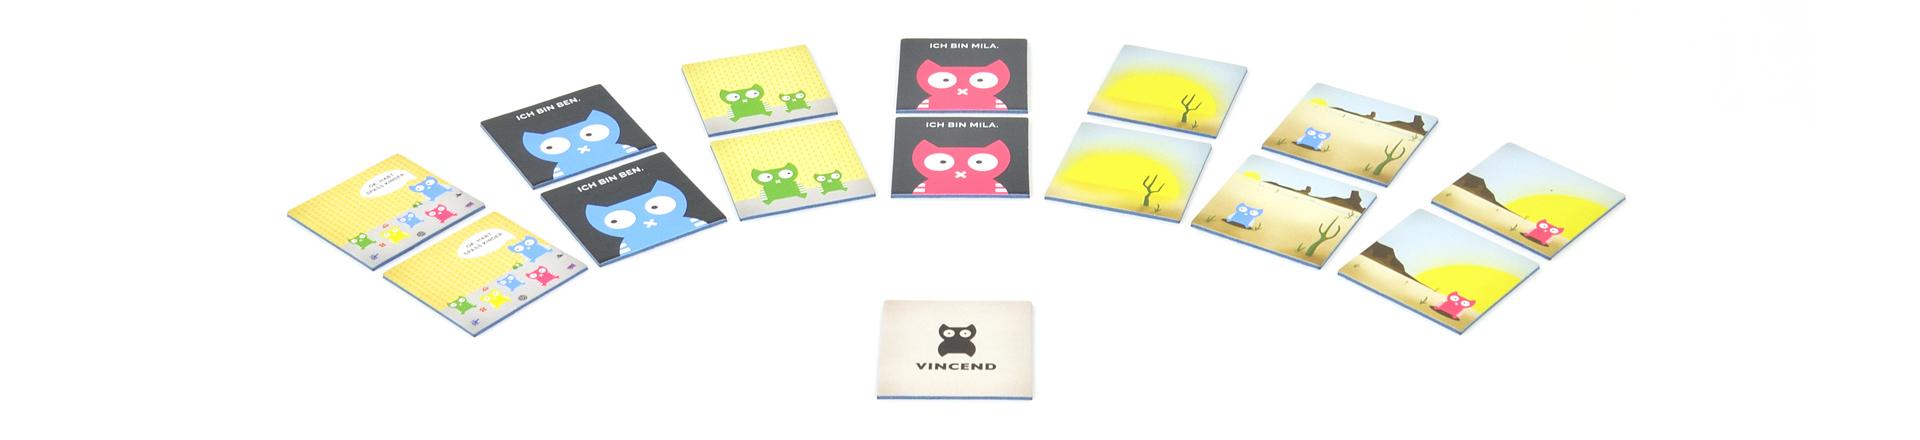 Erfreut Malbuch Online Spiele Fotos - Malvorlagen-Ideen ...